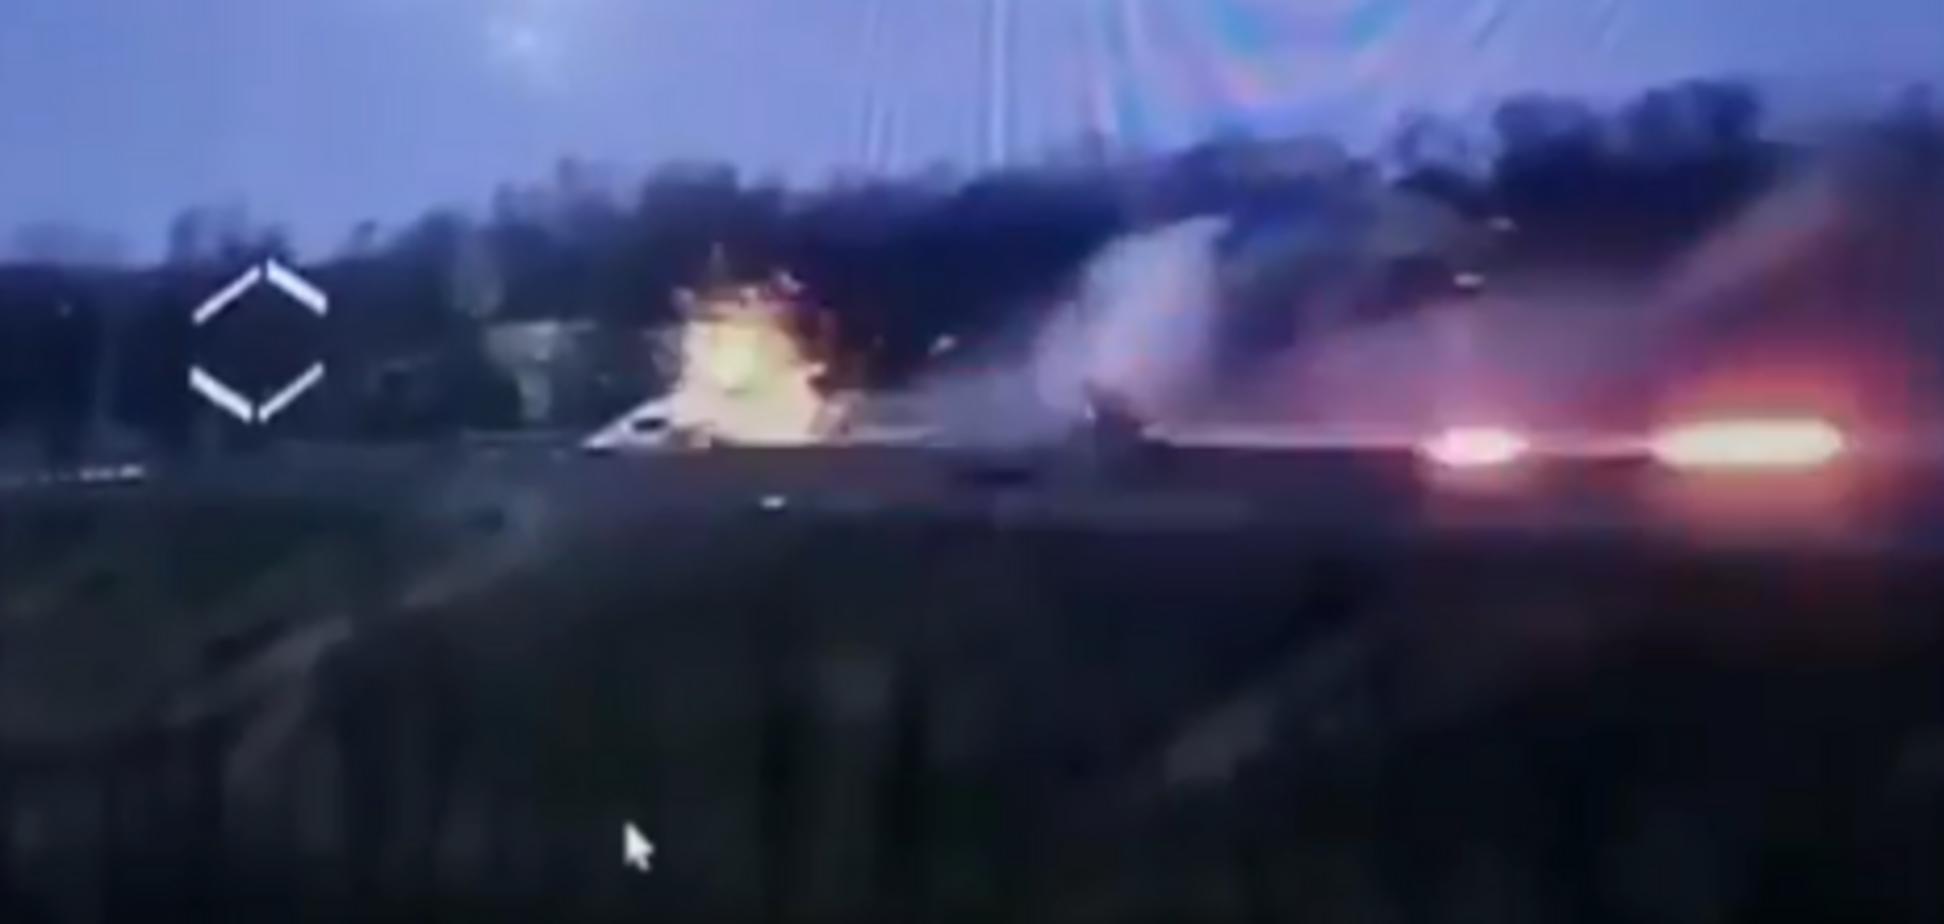 'Приятно смотреть': 'третья сила' на Донбассе уничтожила опорник россиян. Появилось видео